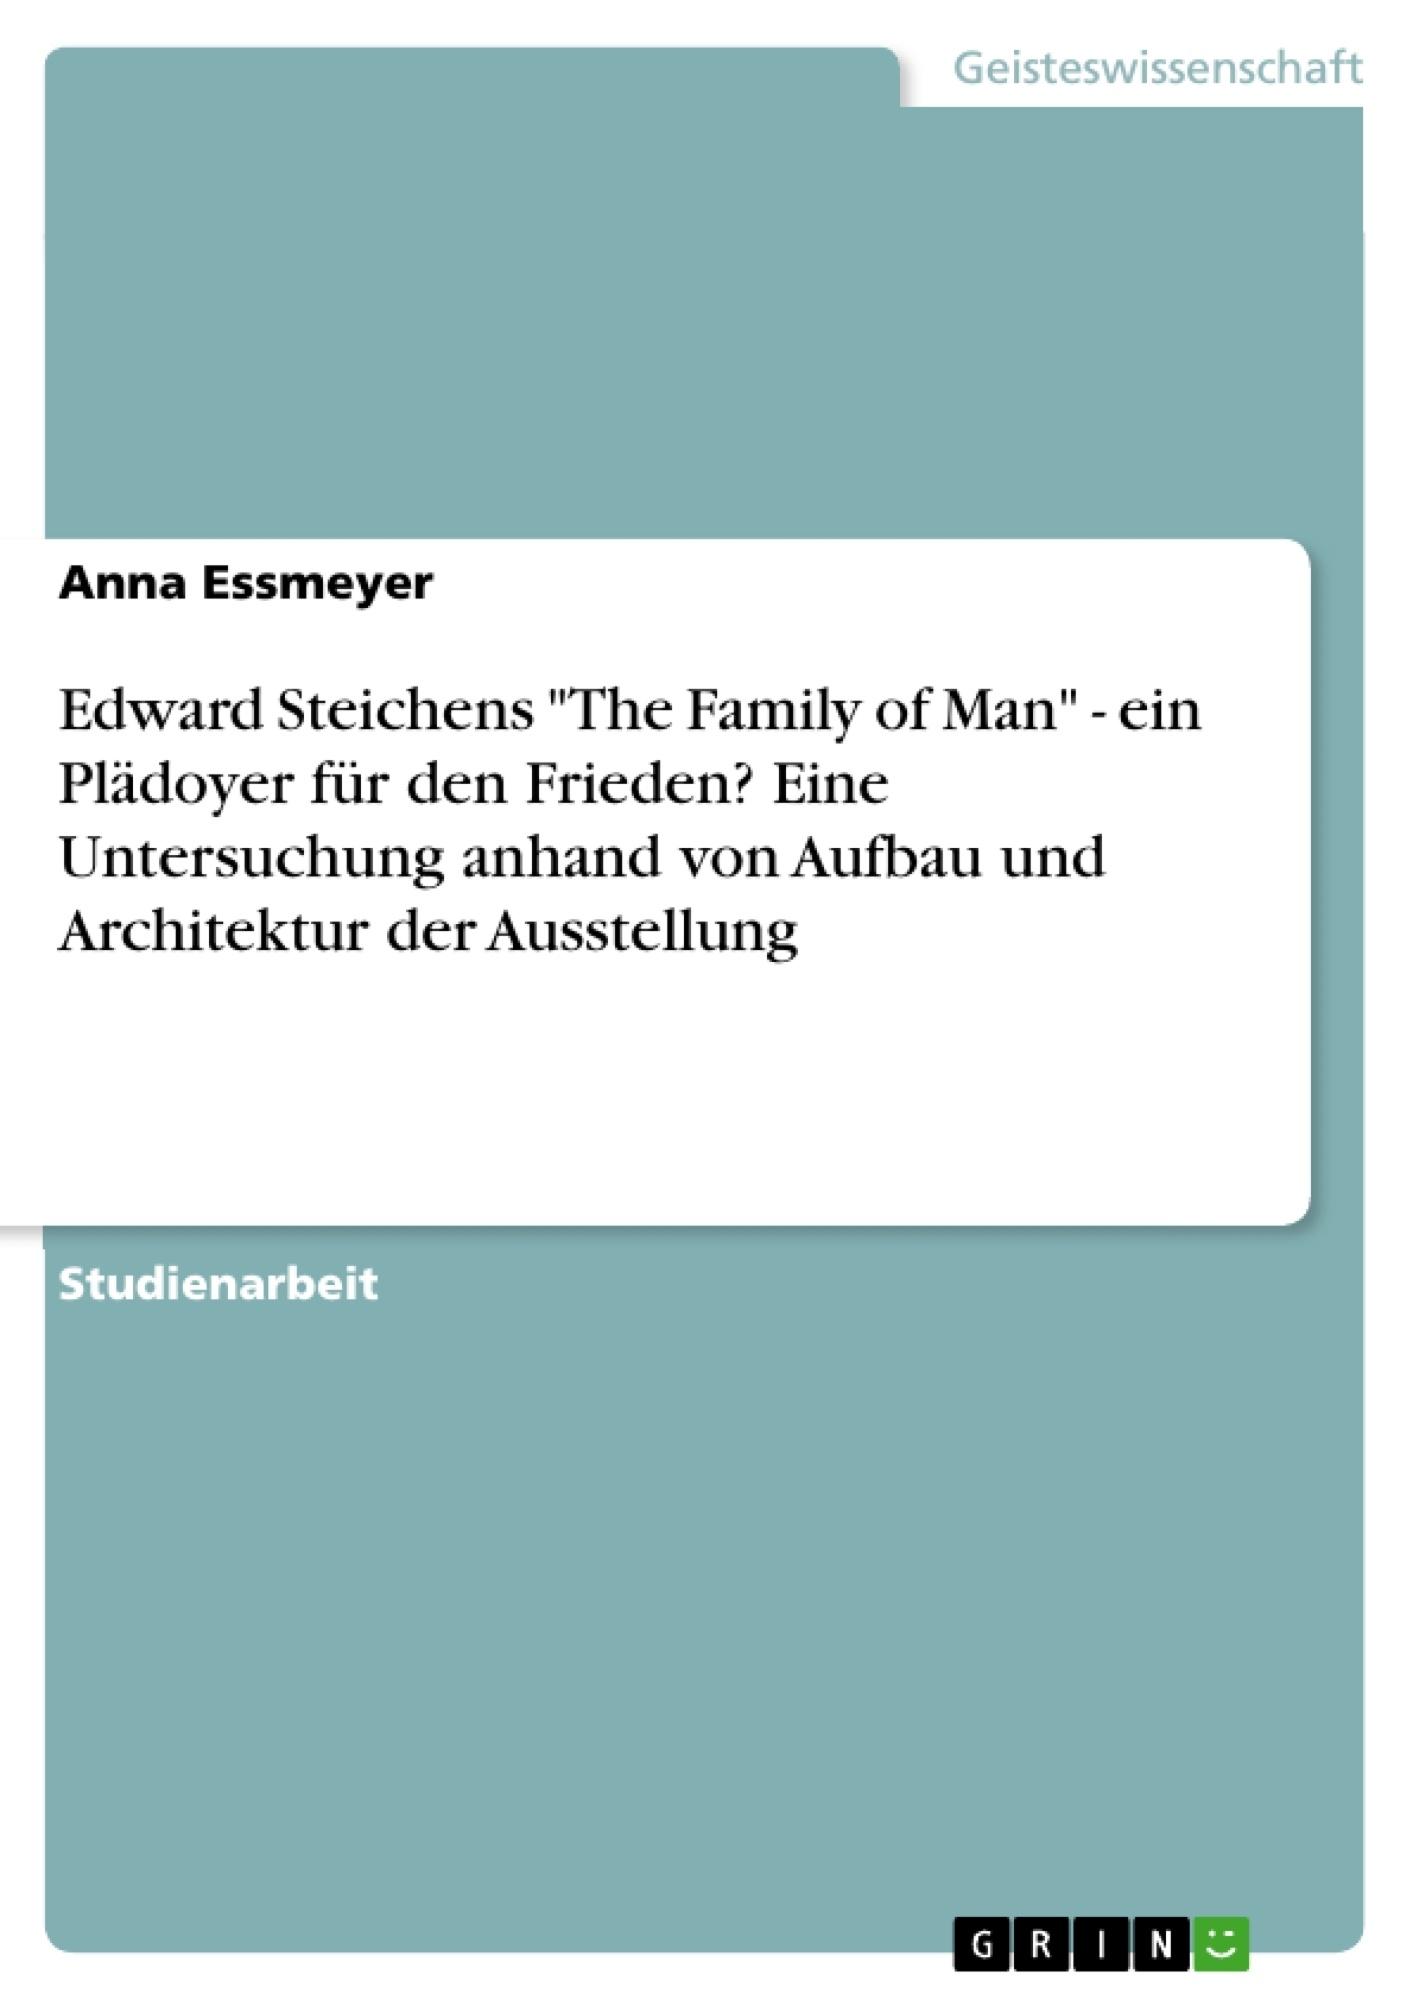 """Titel: Edward Steichens """"The Family of Man"""" - ein Plädoyer für den Frieden? Eine Untersuchung anhand von Aufbau und Architektur der Ausstellung"""